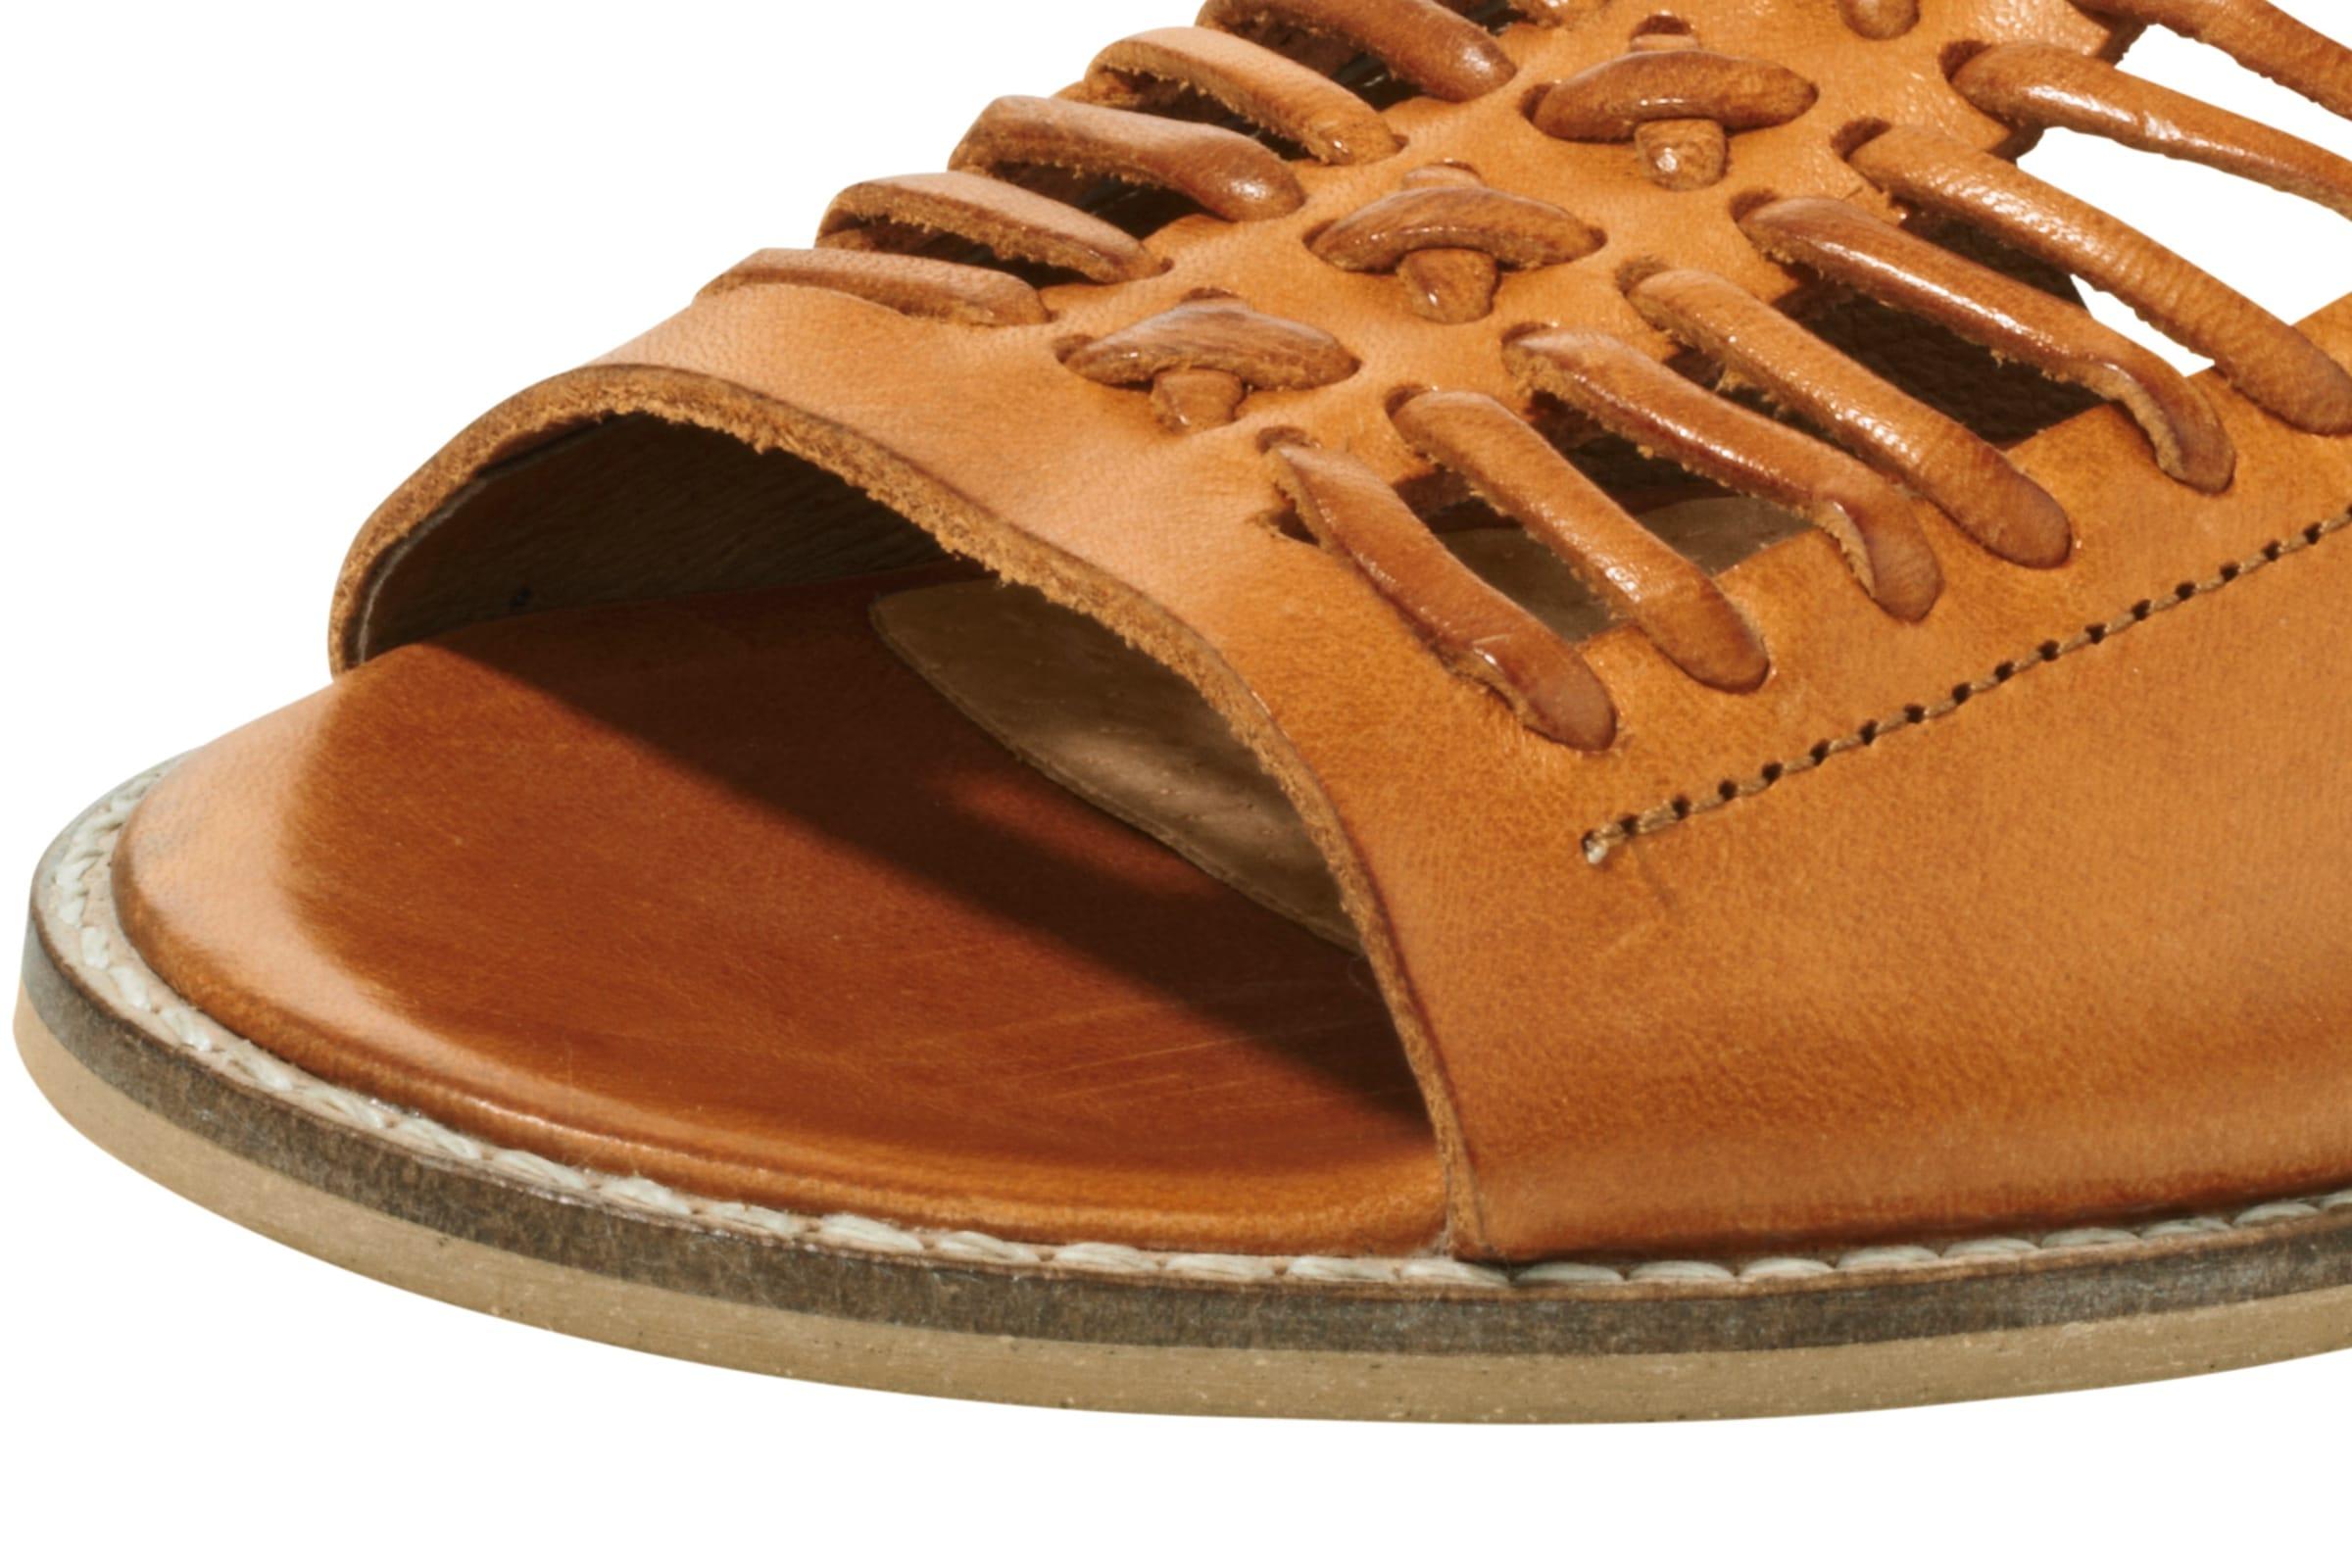 Heine Sandale Leder Bequem, Bequem, Bequem, gut aussehend f50291